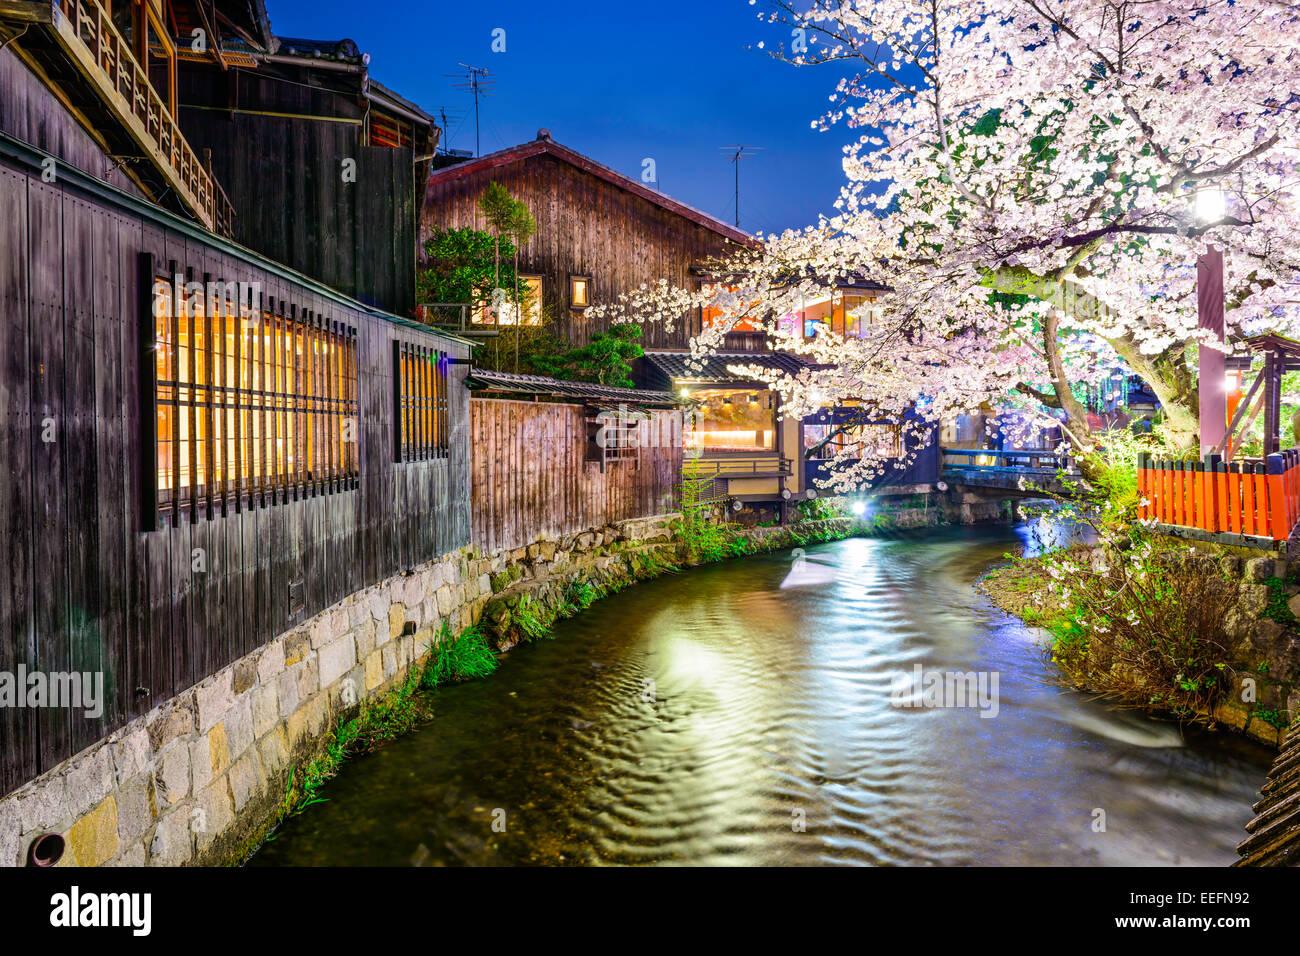 Kyoto, Japan at Shirakawa canal in Gion district. - Stock Image